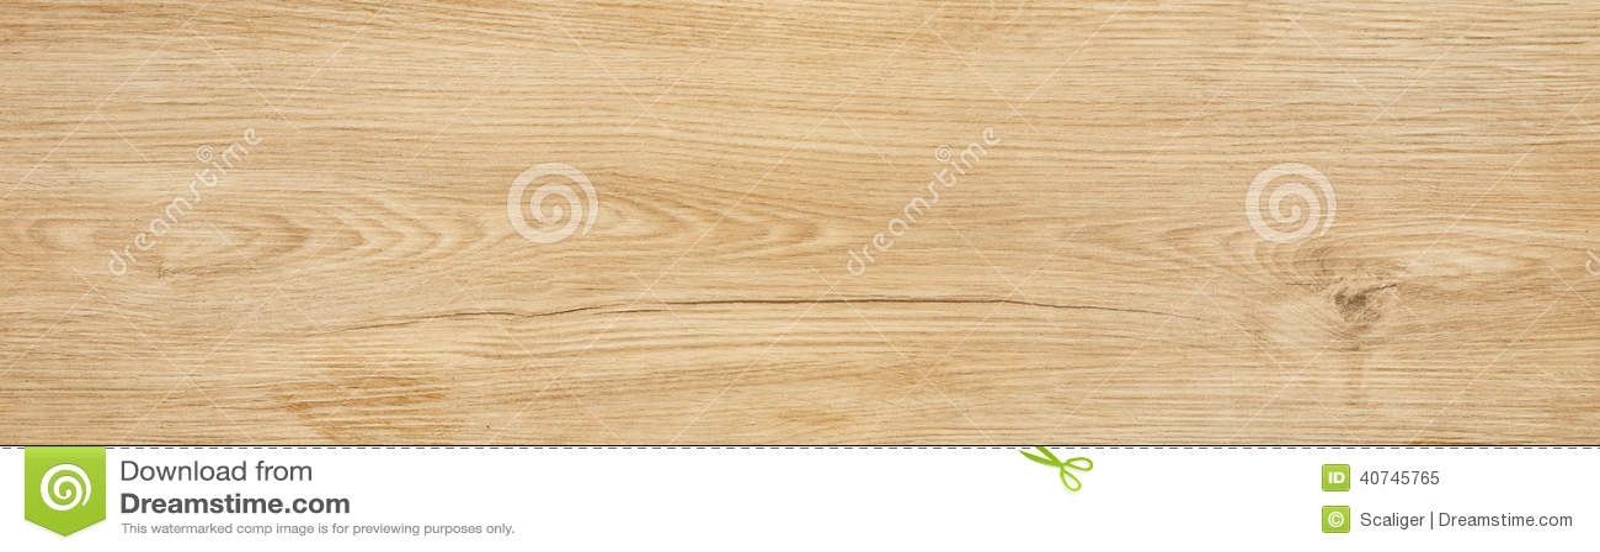 Brązowy tła tekstury pomocniczym drewna